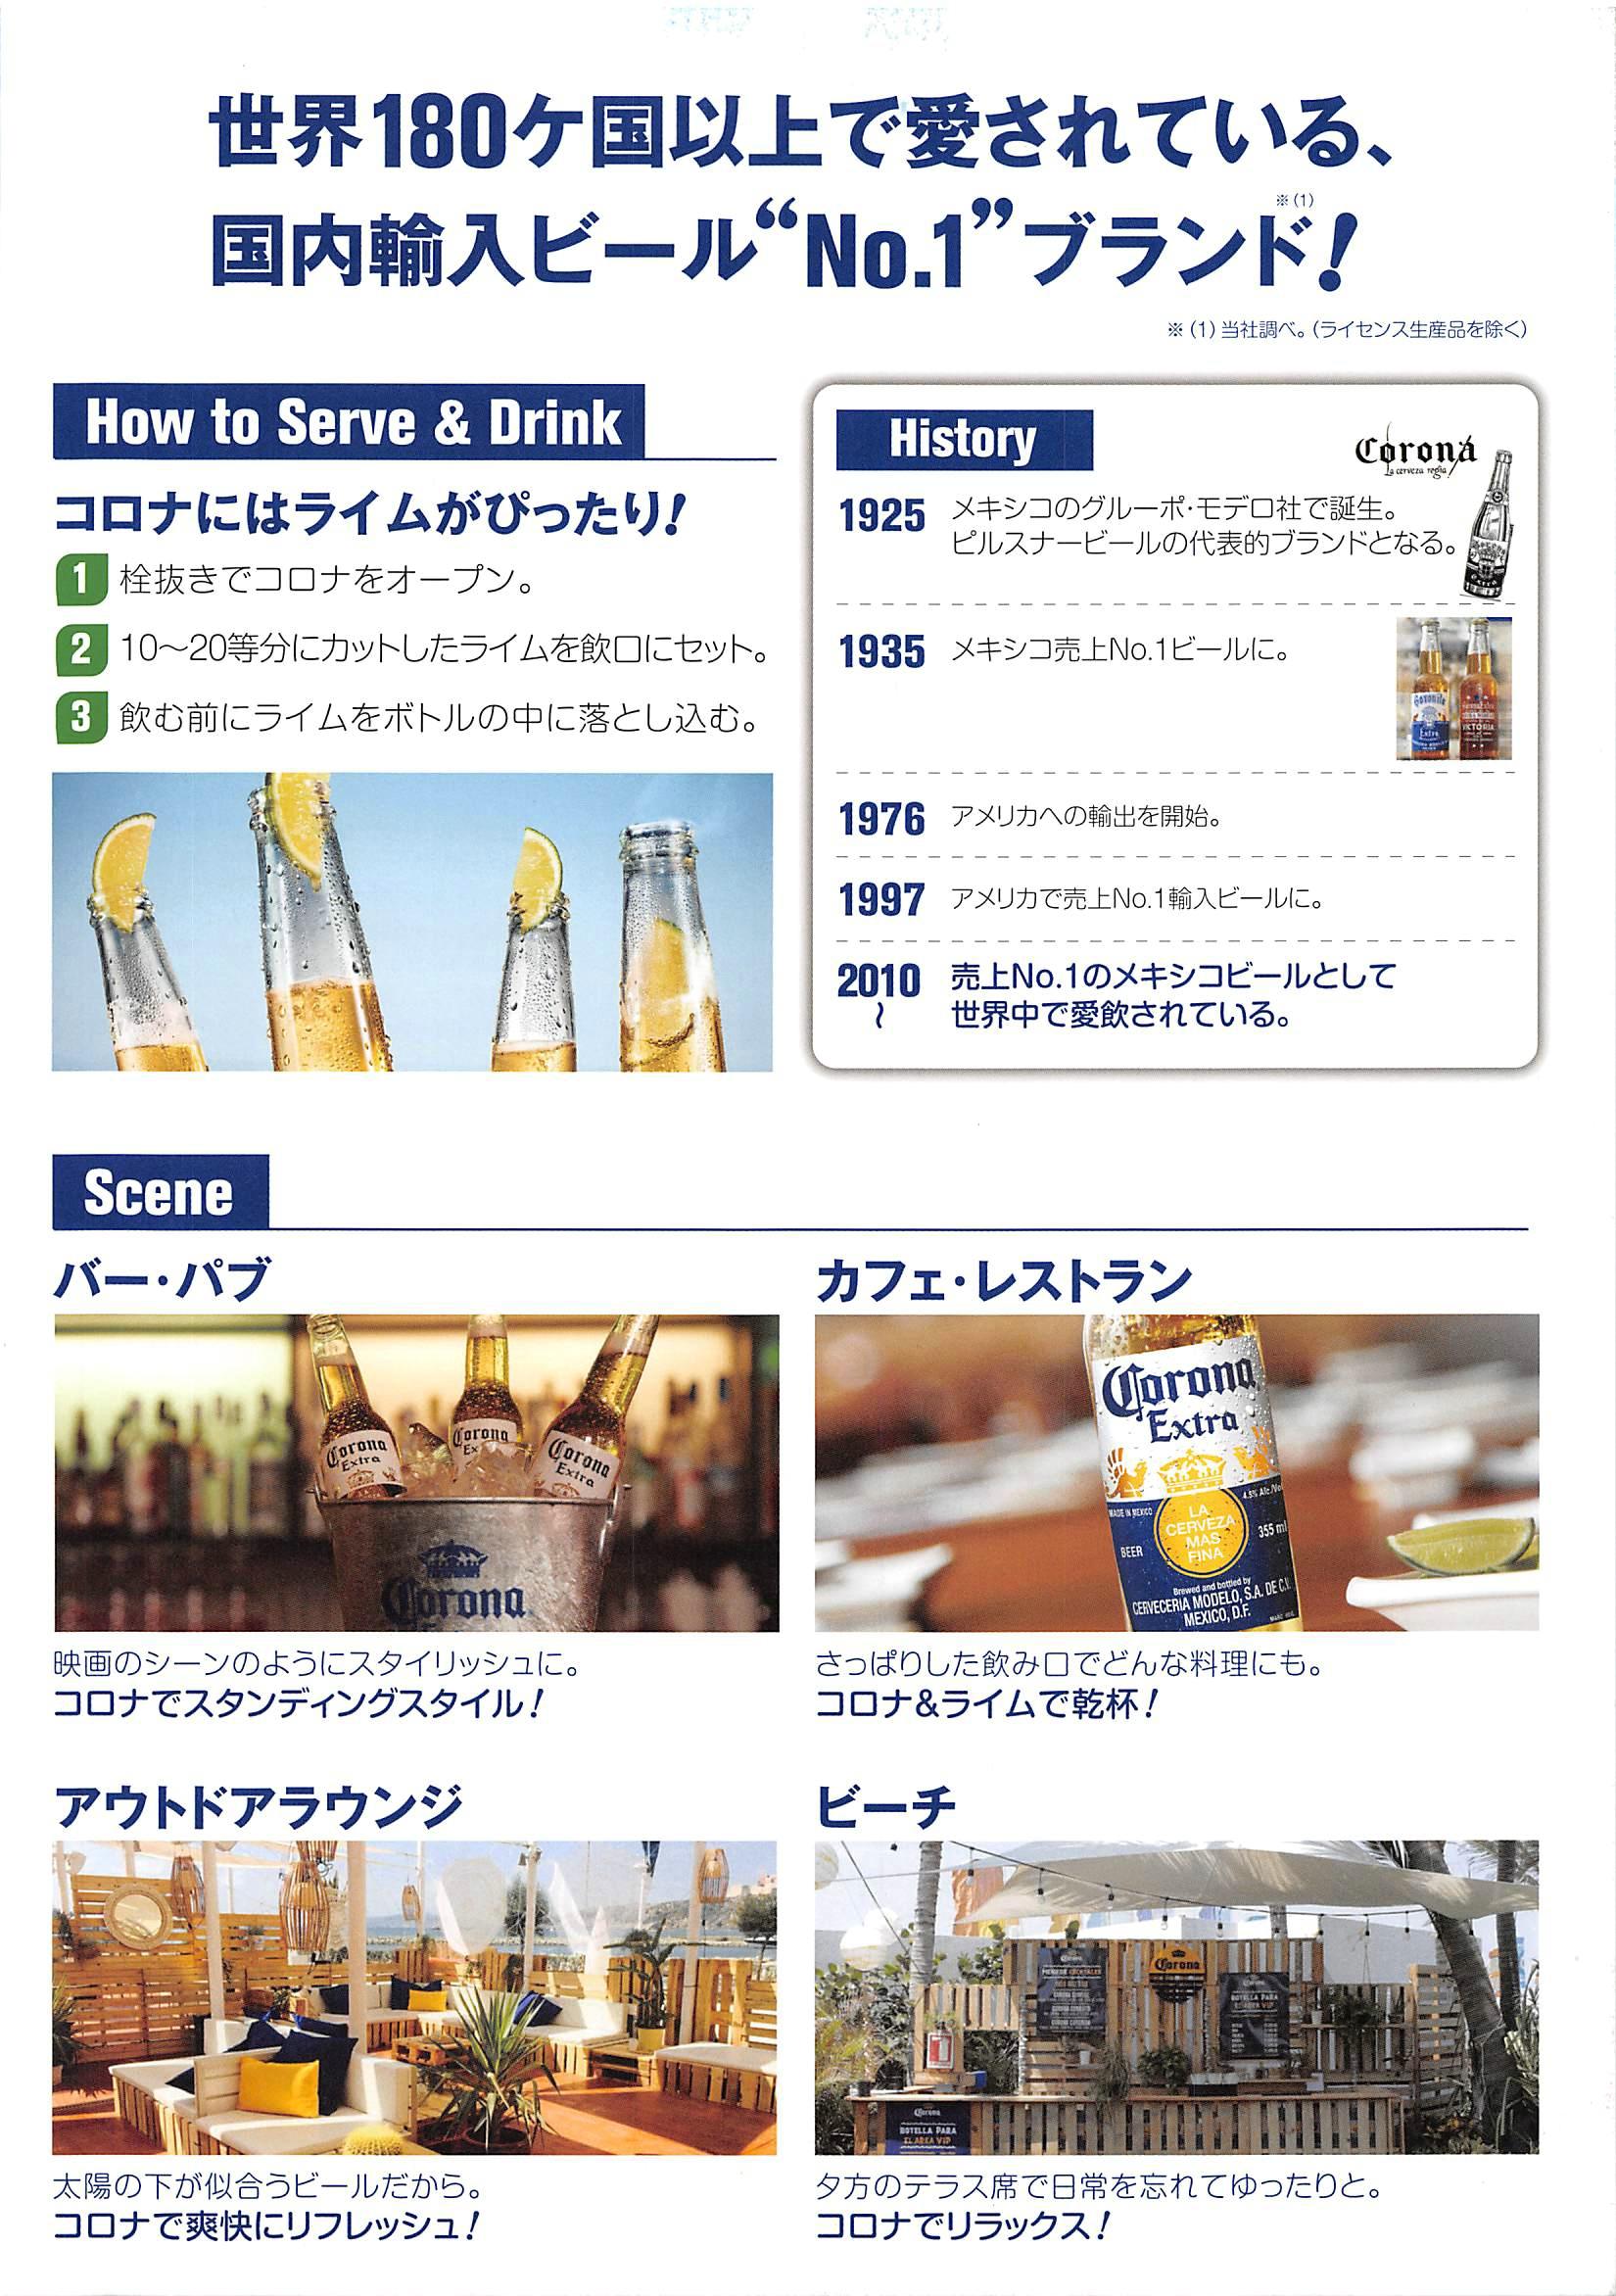 コロナビール商品パンフレット_03